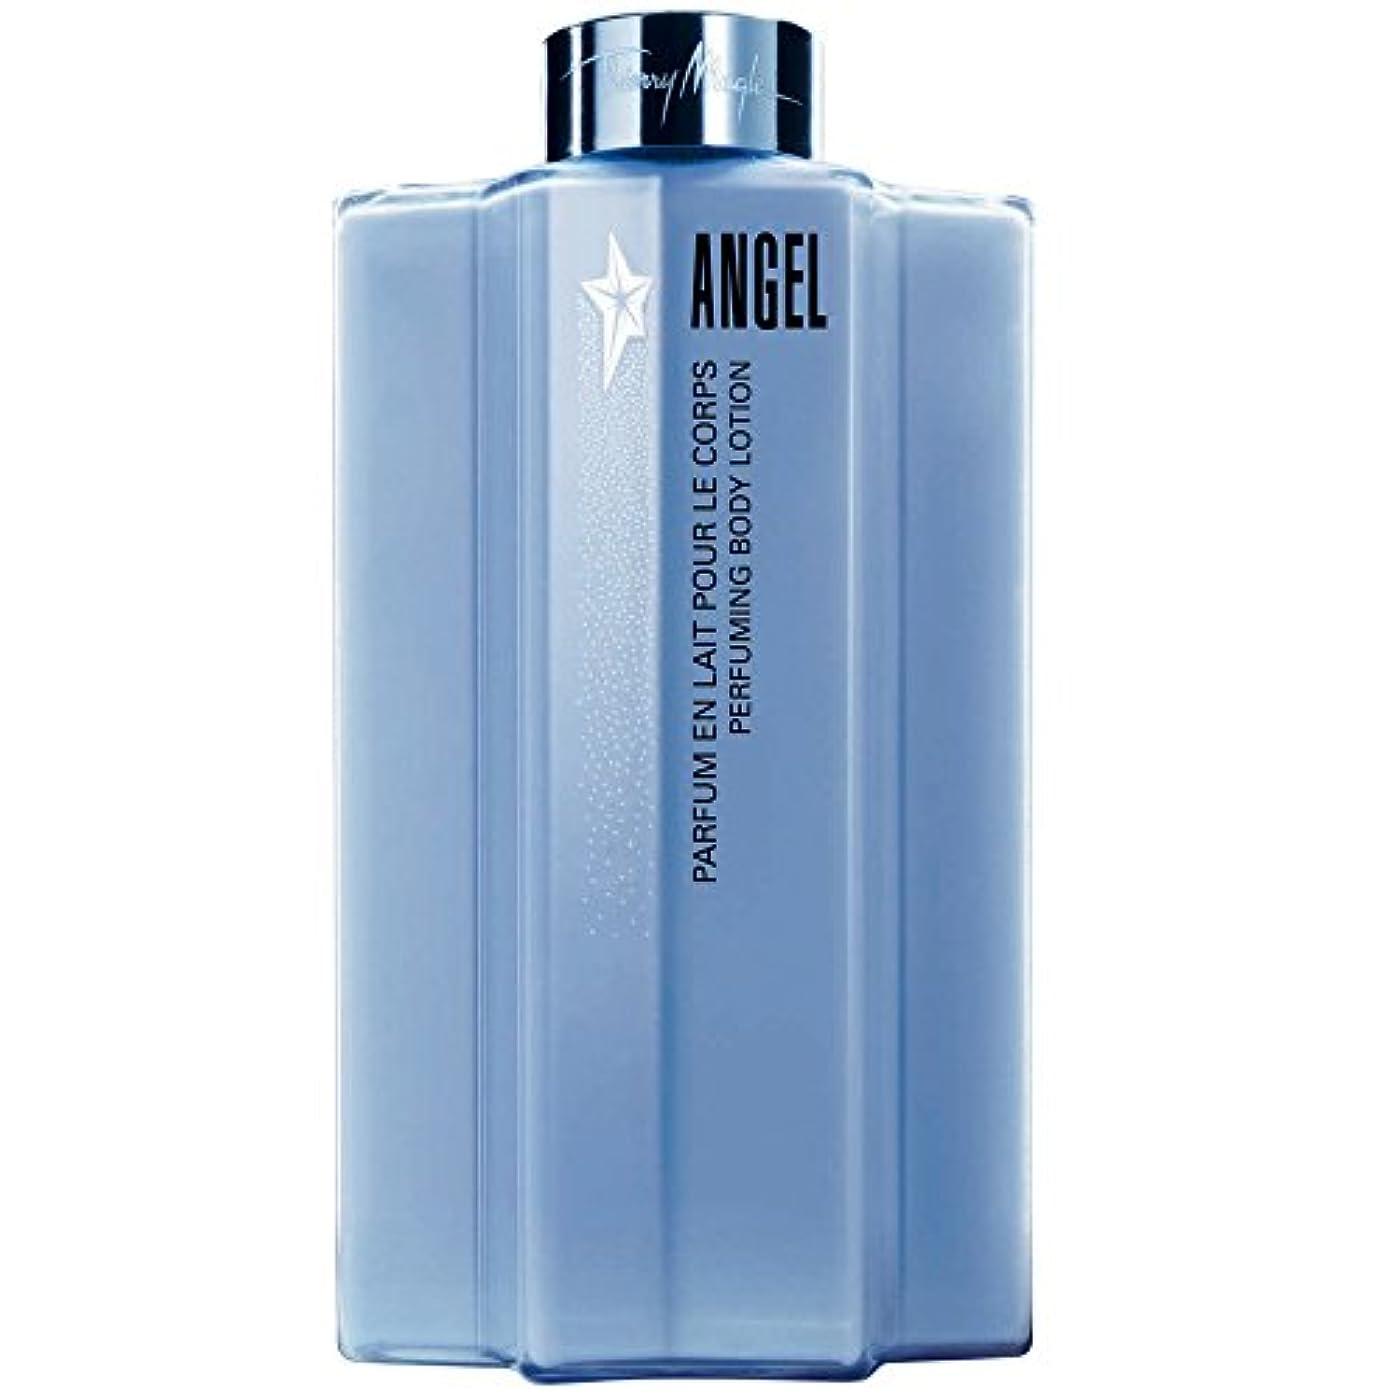 宣言するの間でポーチティエリー?ミュグレー天使のボディローション (Thierry Mugler) (x6) - Thierry Mugler Angel Body Lotion (Pack of 6) [並行輸入品]